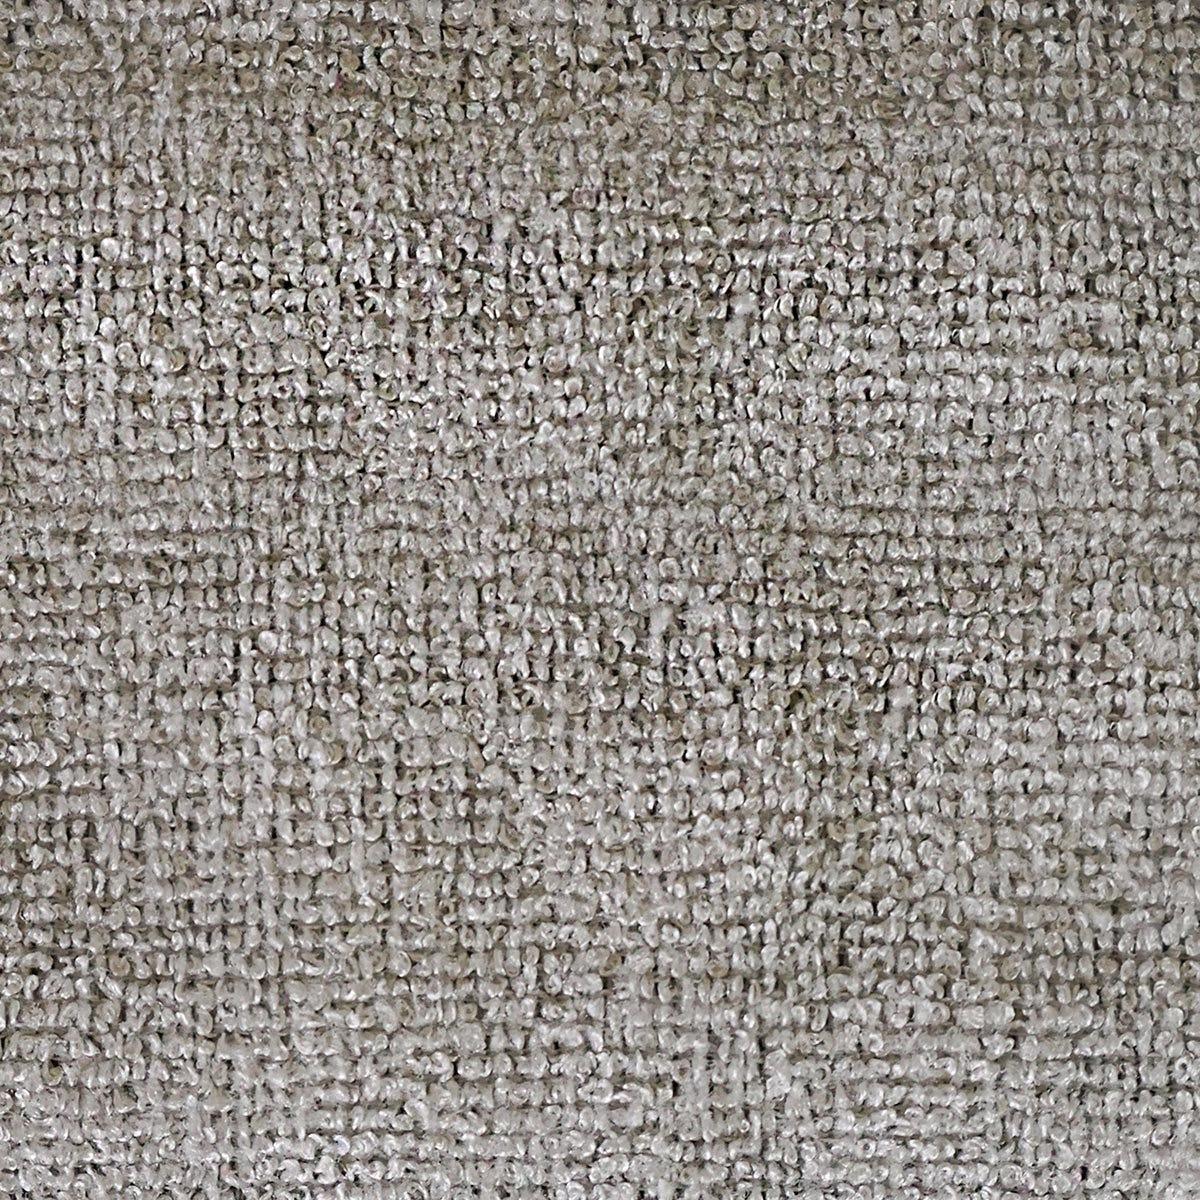 microfiber cloth texture